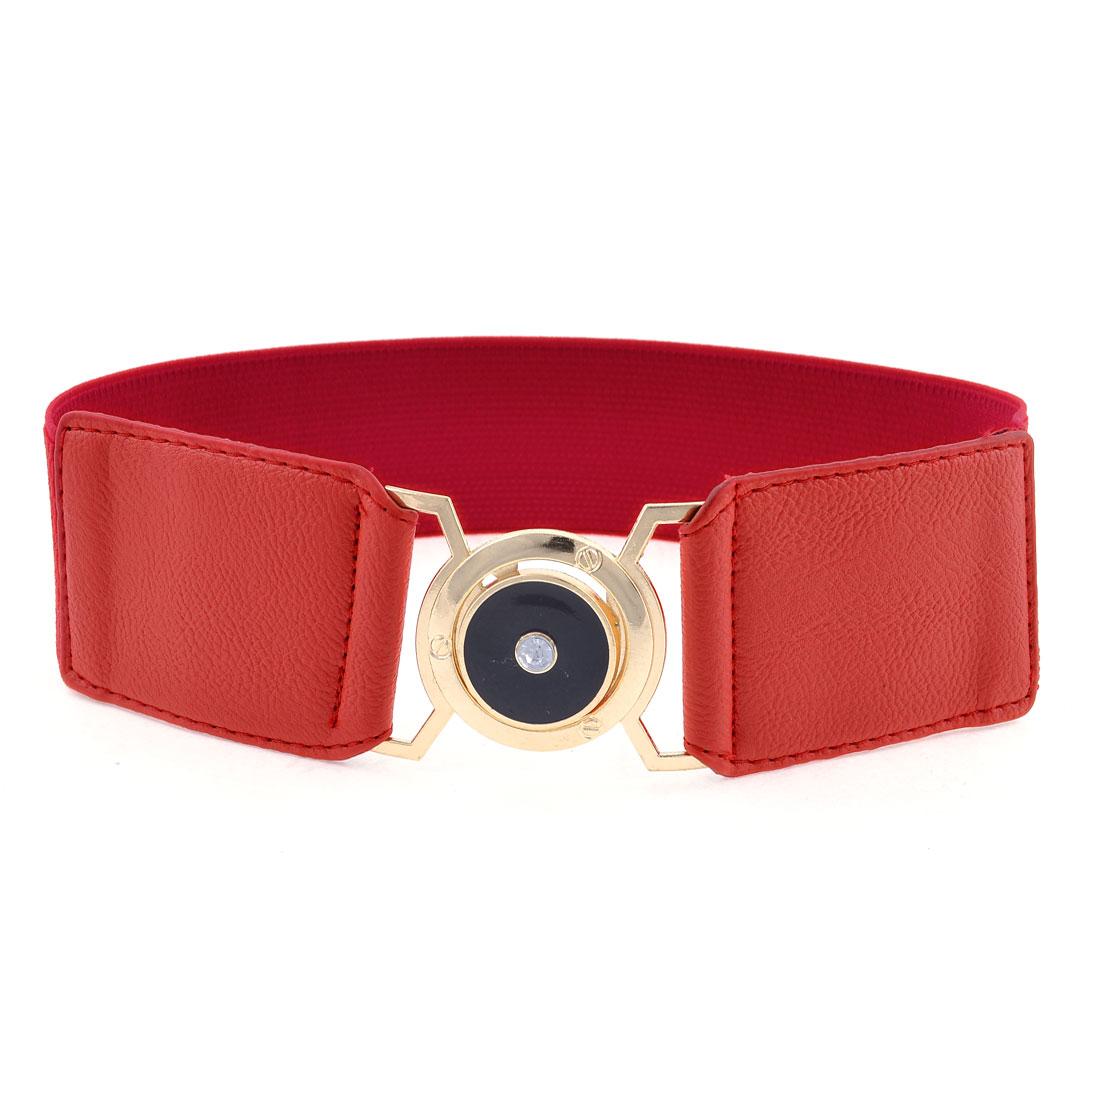 Lady Round Design Metal Interlock Buckle Spandex Cinch Band Waist Belt Dark Red